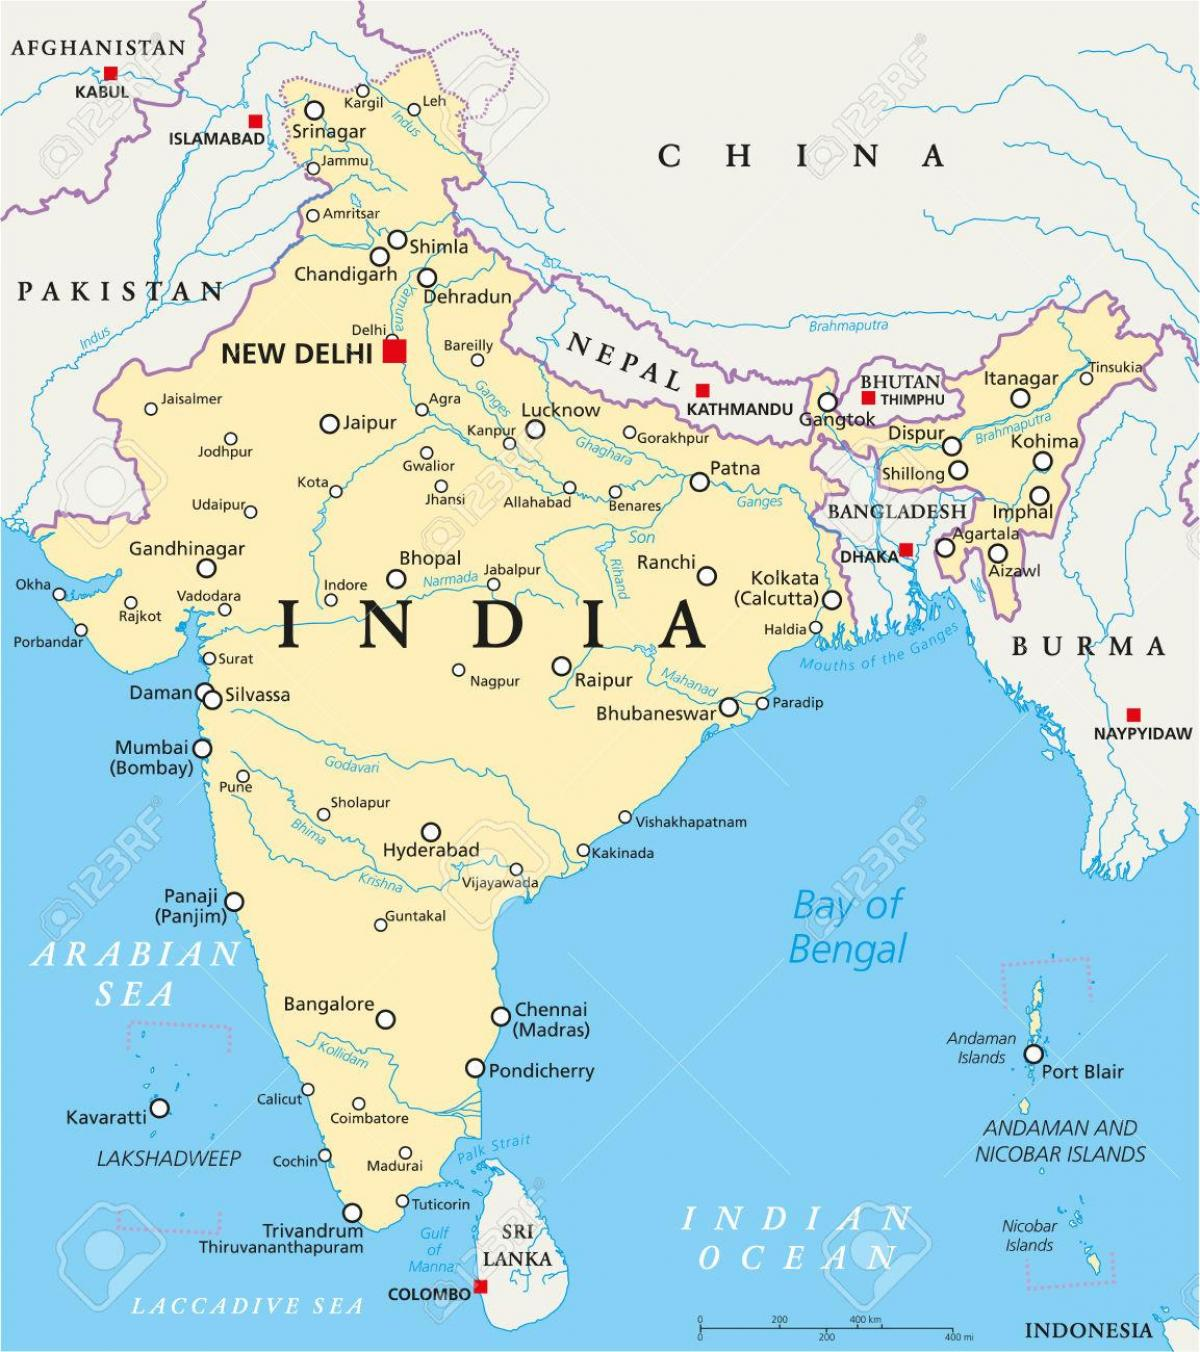 India Politikai Terkep 2016 Politikai Terkep India 2016 Ra Del